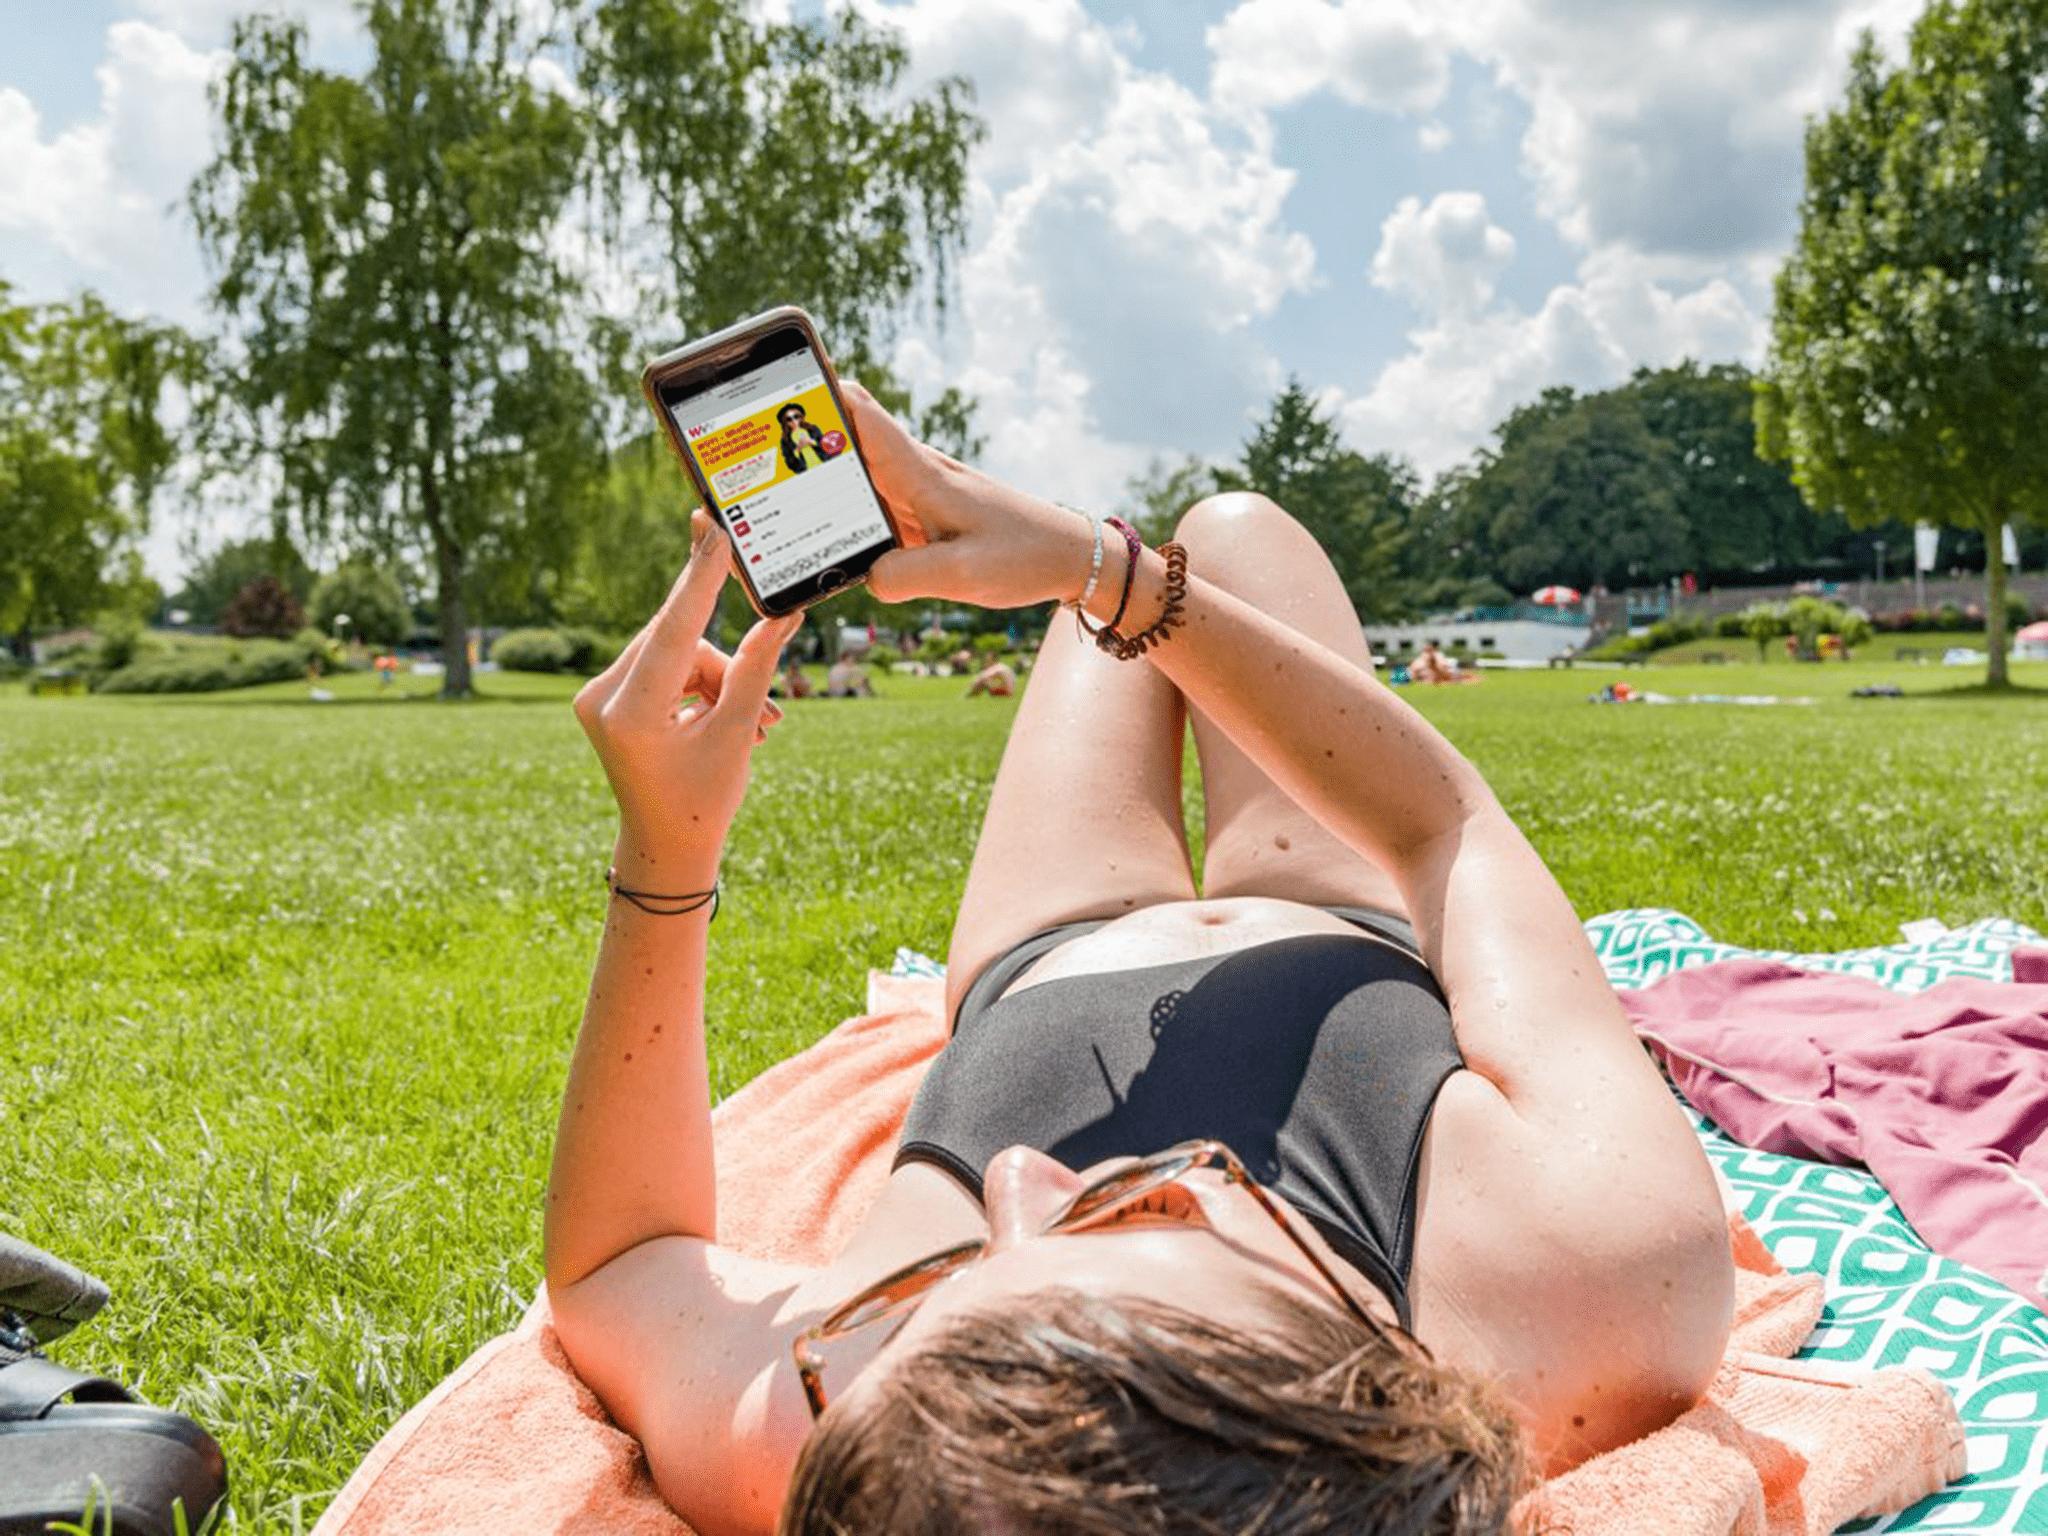 Das WüFi bietet Surfvergnügen für Streaming, News, Texten & Co. unterwegs! Foto: Papay Landois GmbH